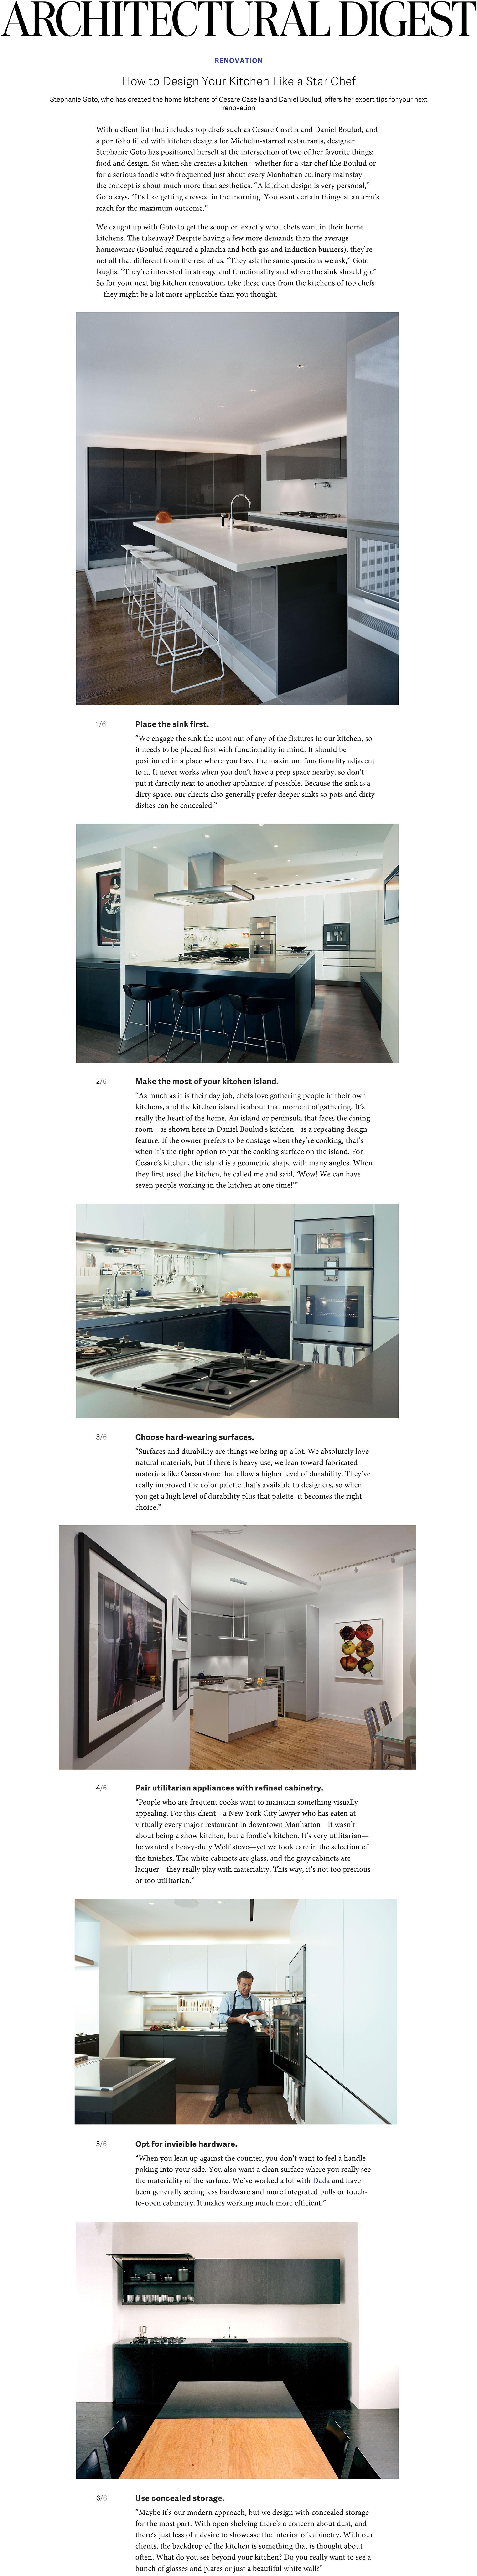 19-2016-02-GOTO-Architectural-Digest-Kitchens.jpg